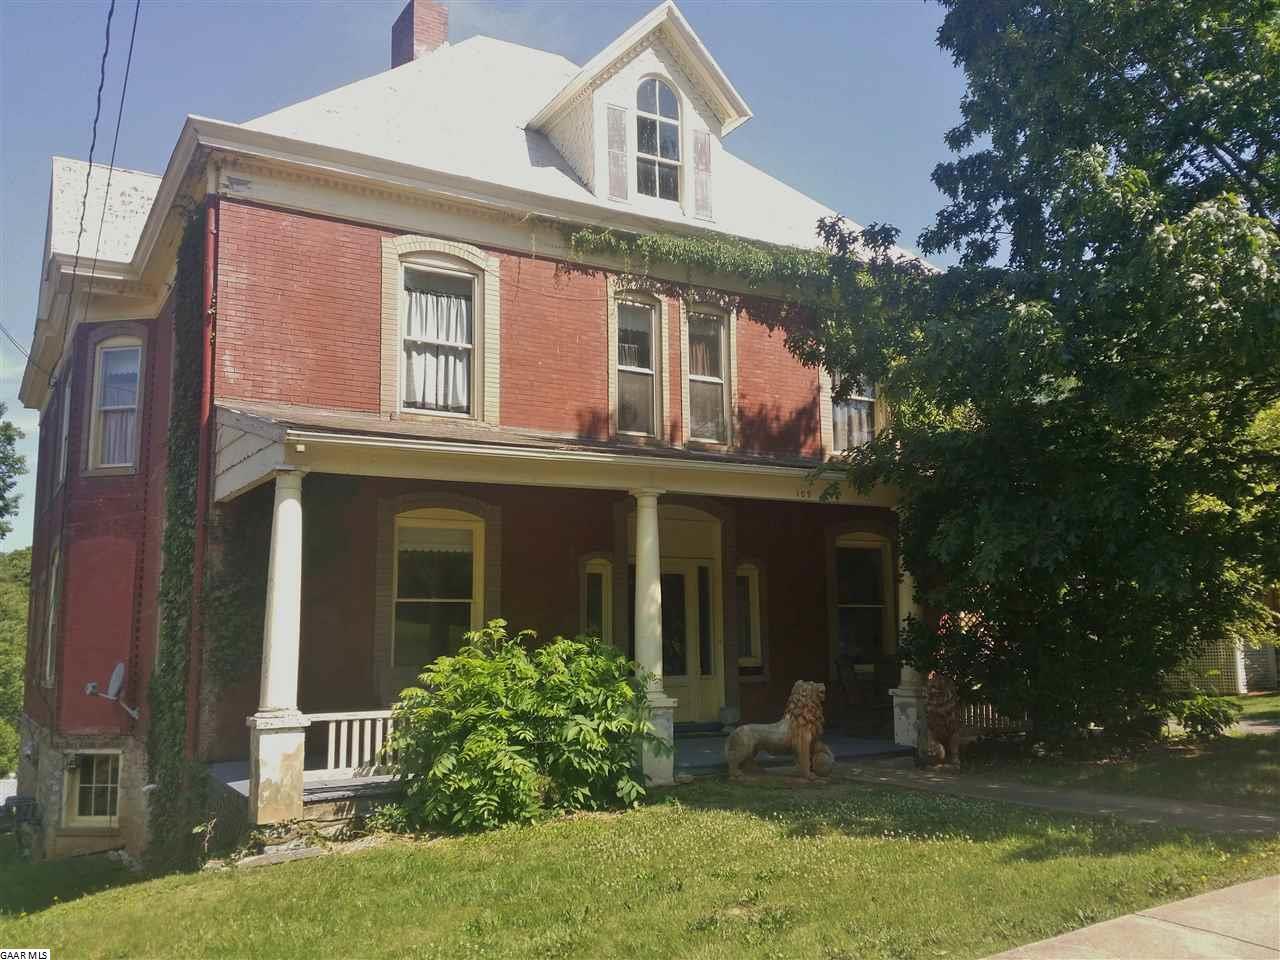 109 Myers St Lexington Va Mls 549224 Hess Miller Real